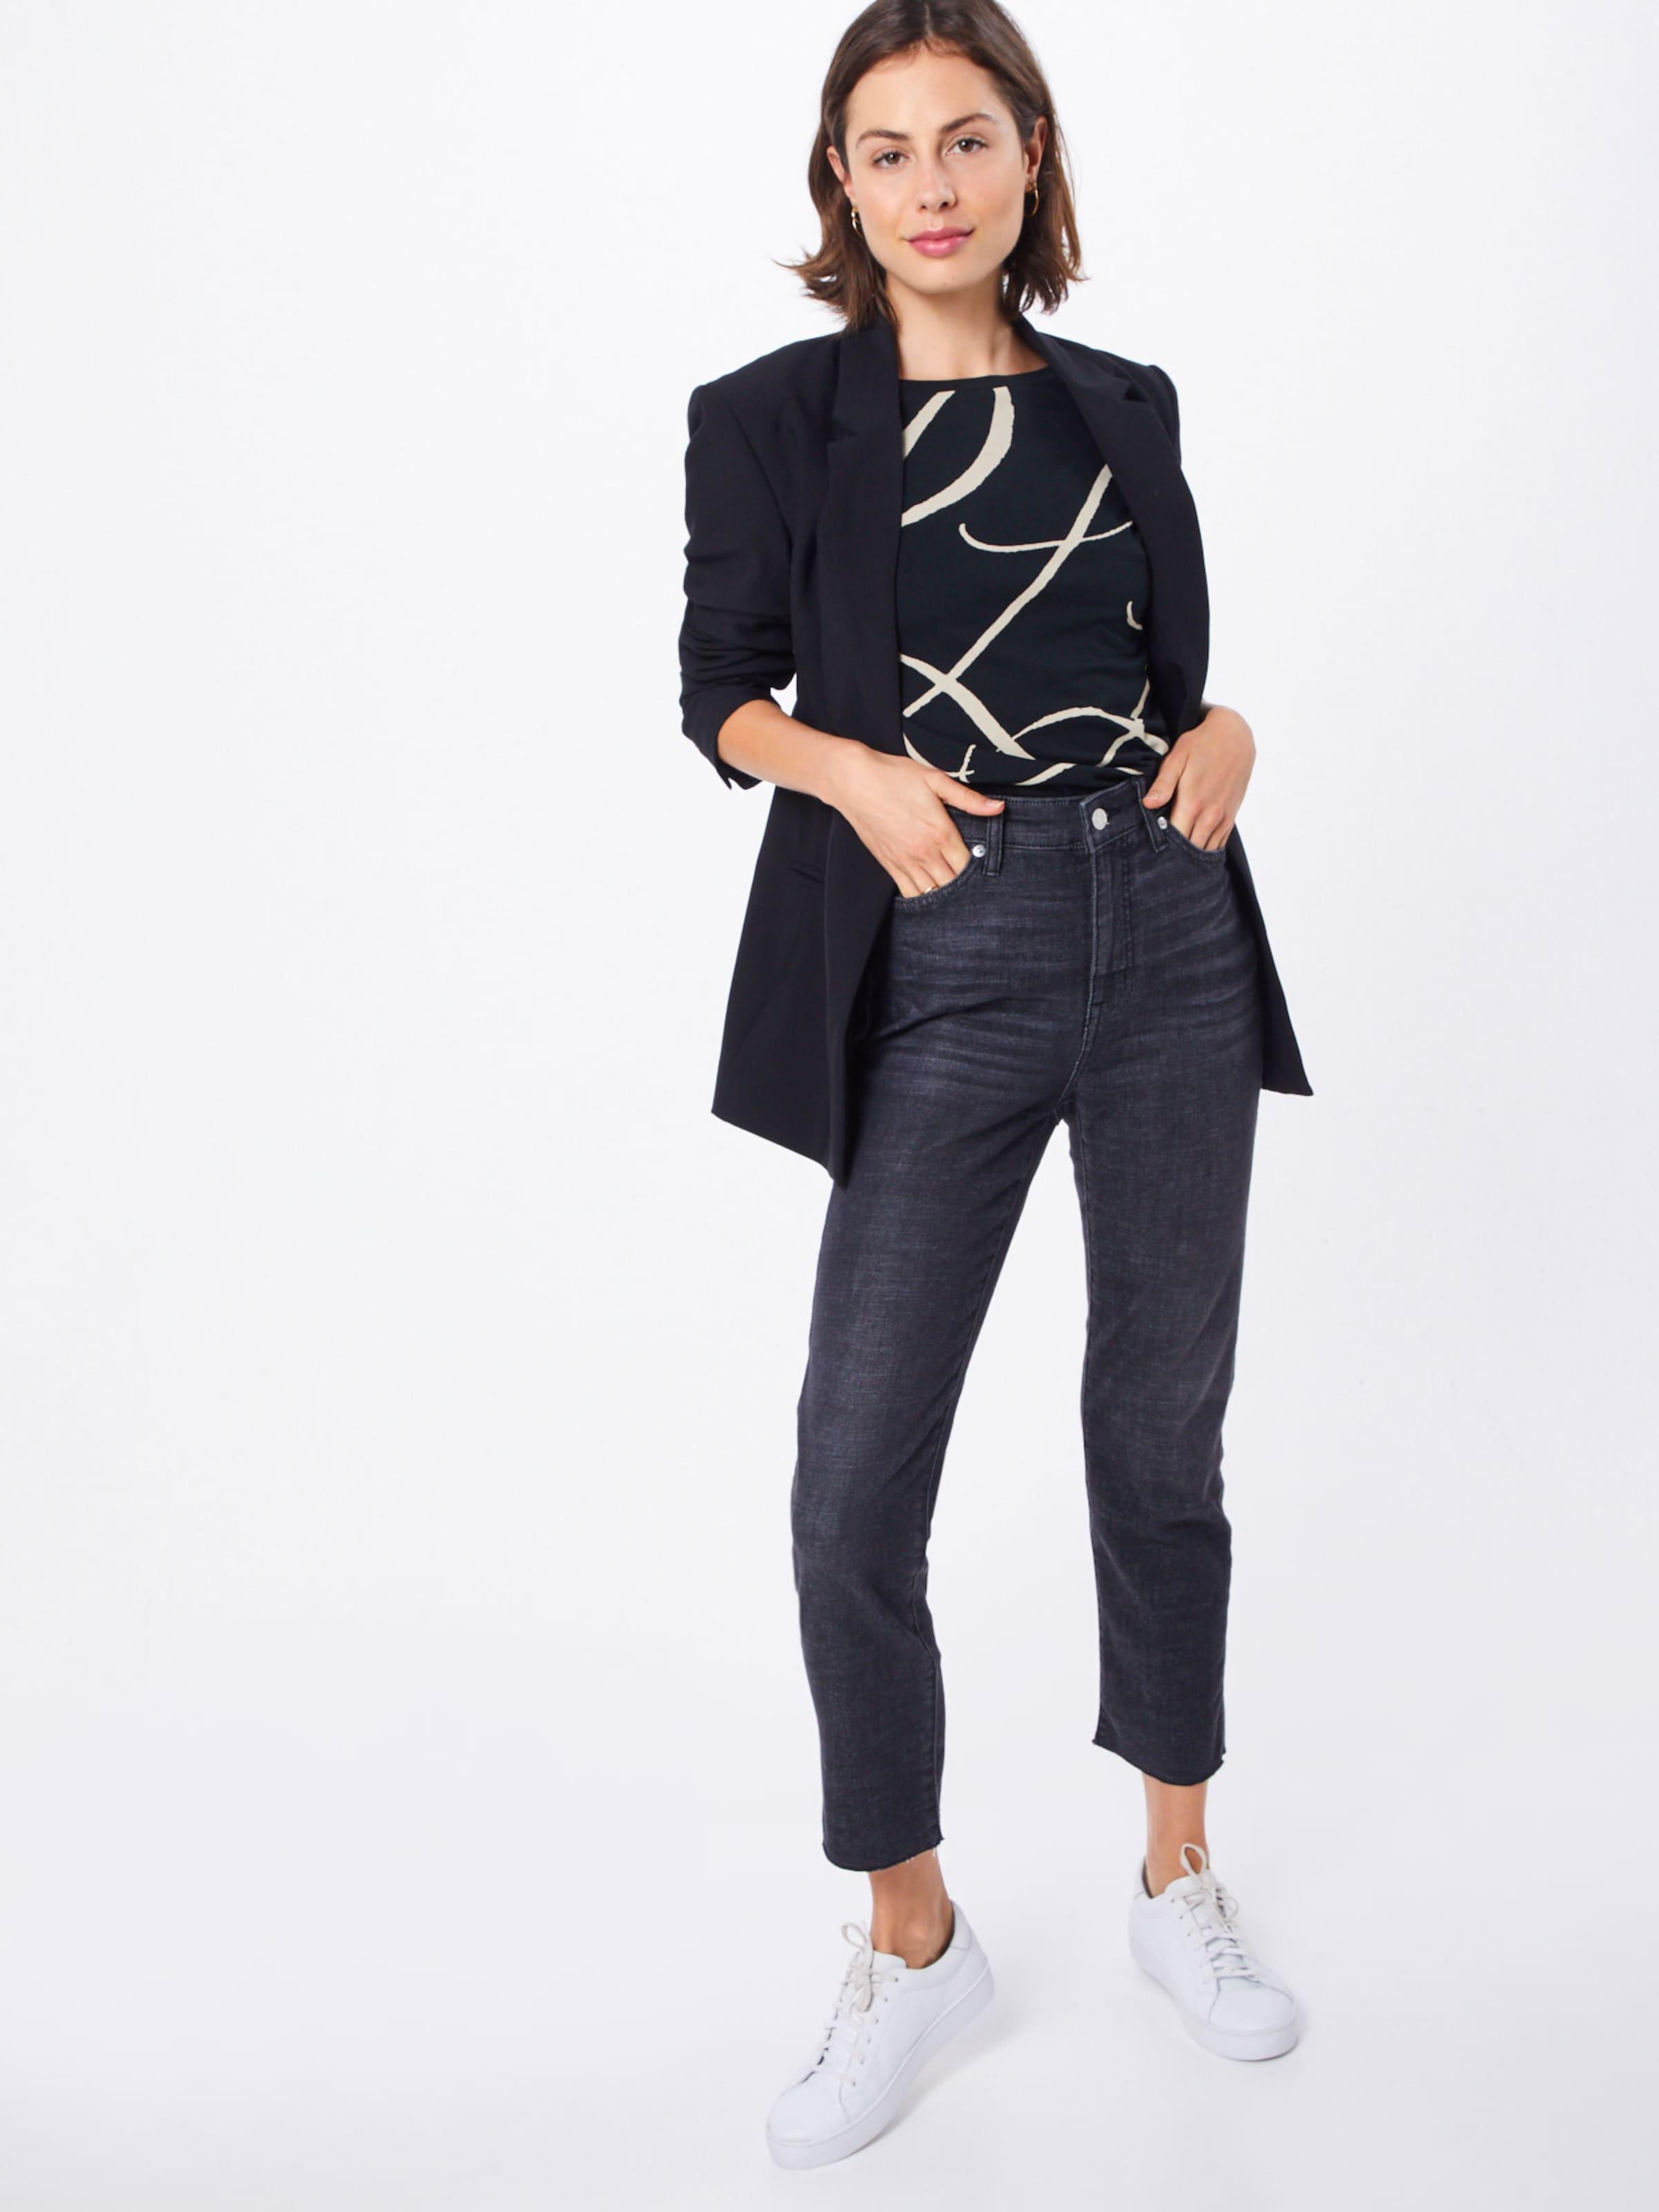 Lauren En Ralph Noir T shirt 'grieta' 8n0XPwOk